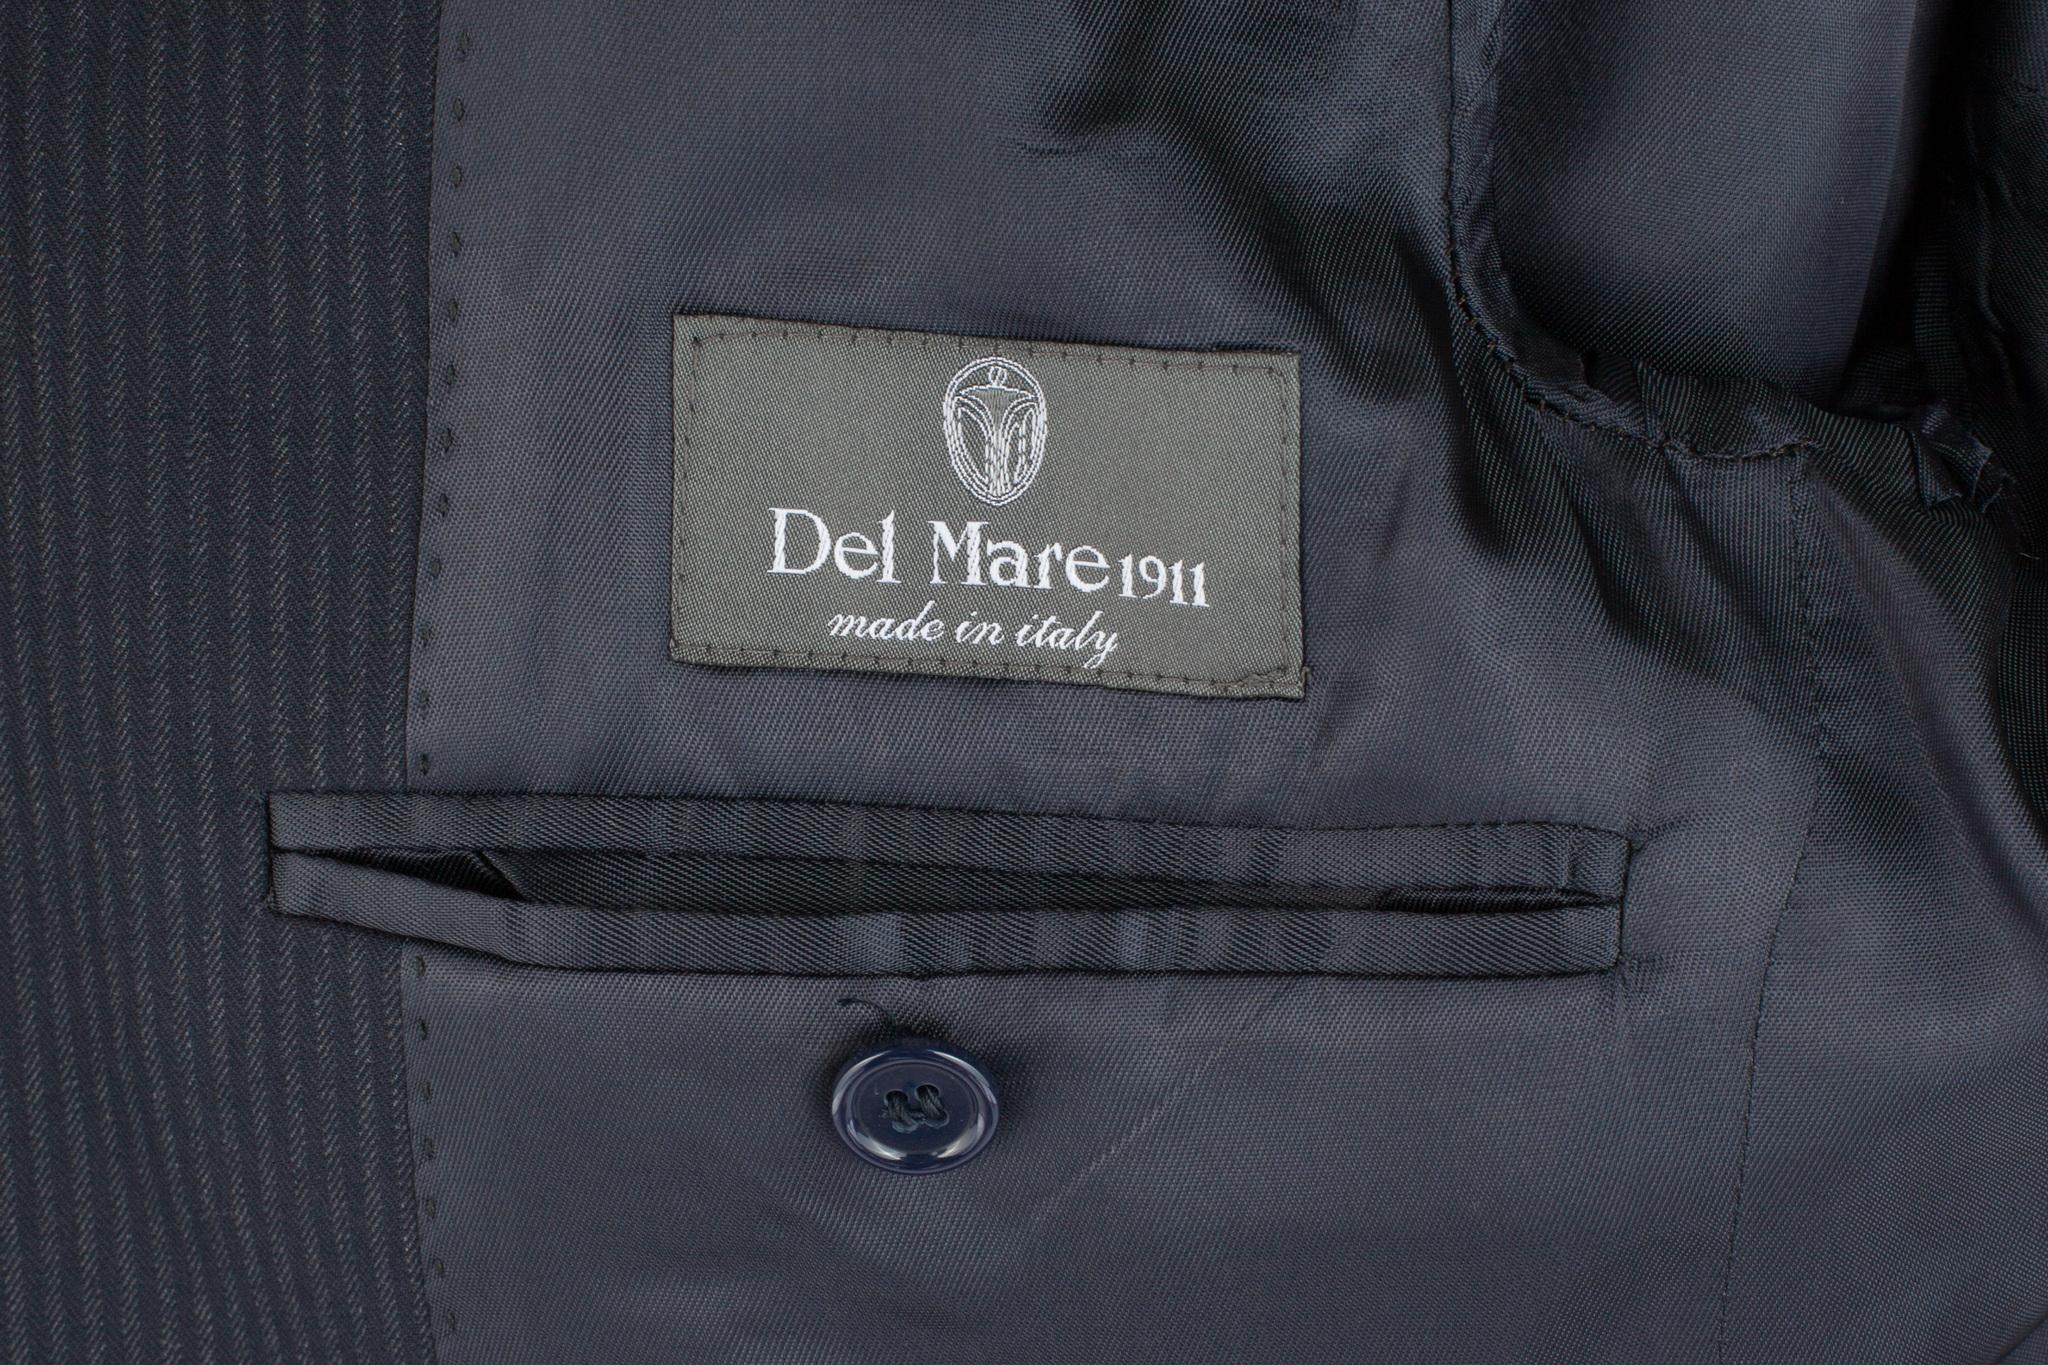 Тёмно-сине-серый костюм «в ёлочку» из 100%-ной шерсти, внутренний карман